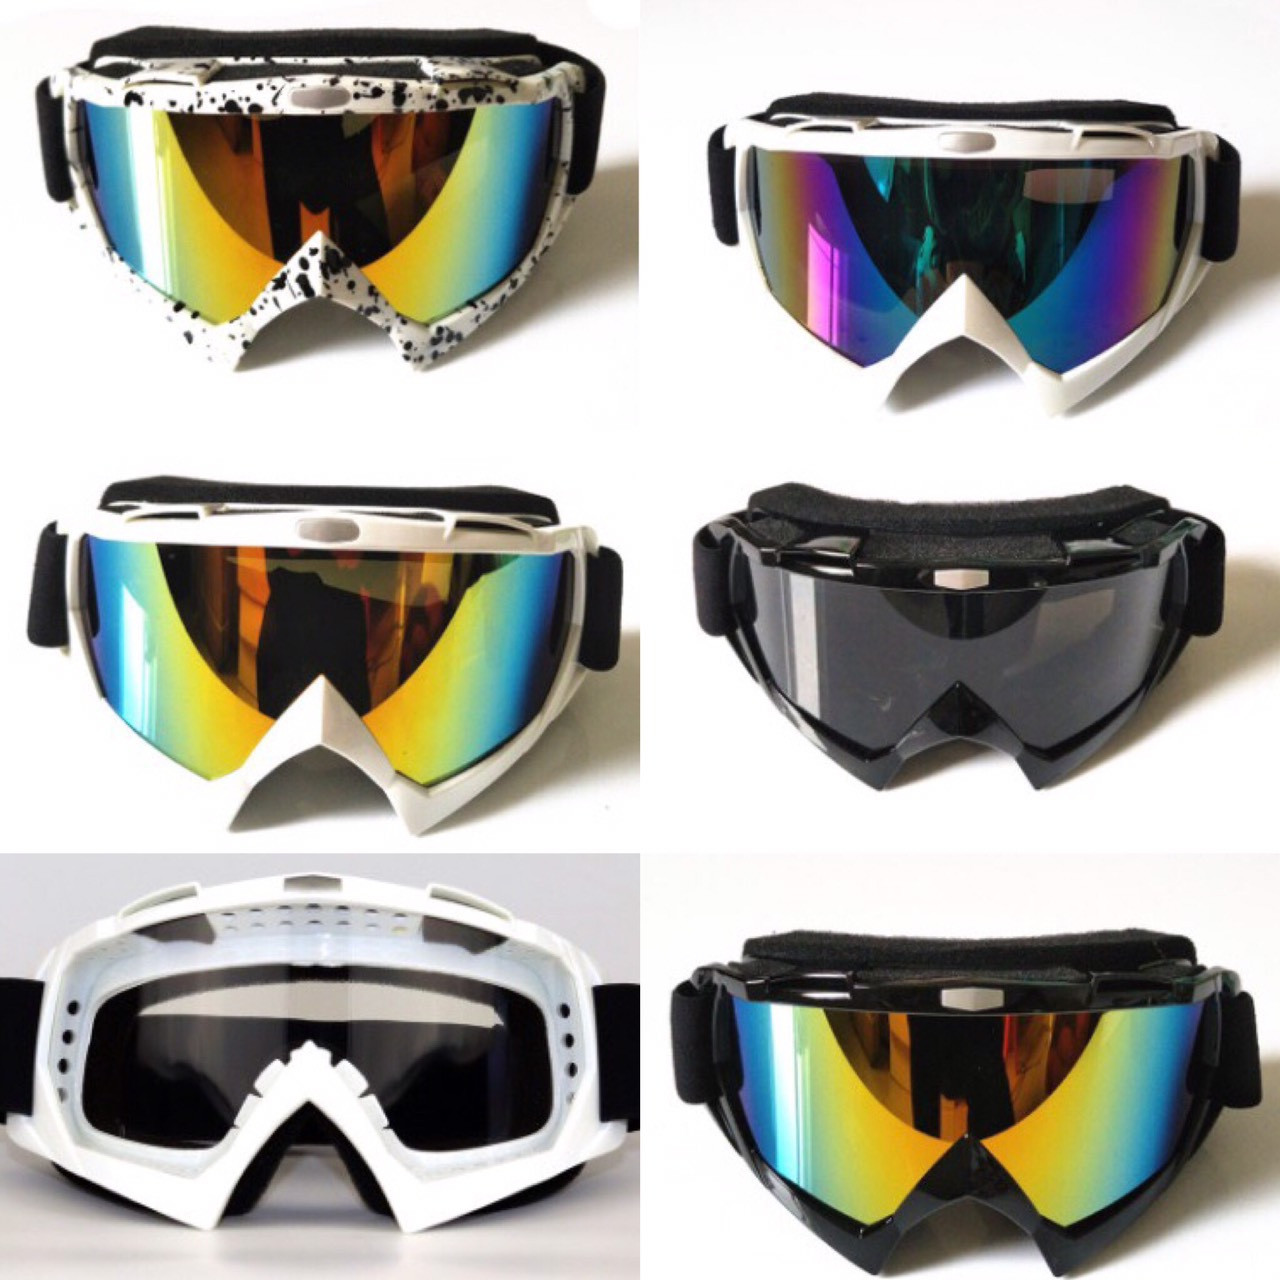 Маска горнолыжная лыжные очки вело мото спорт окуляры